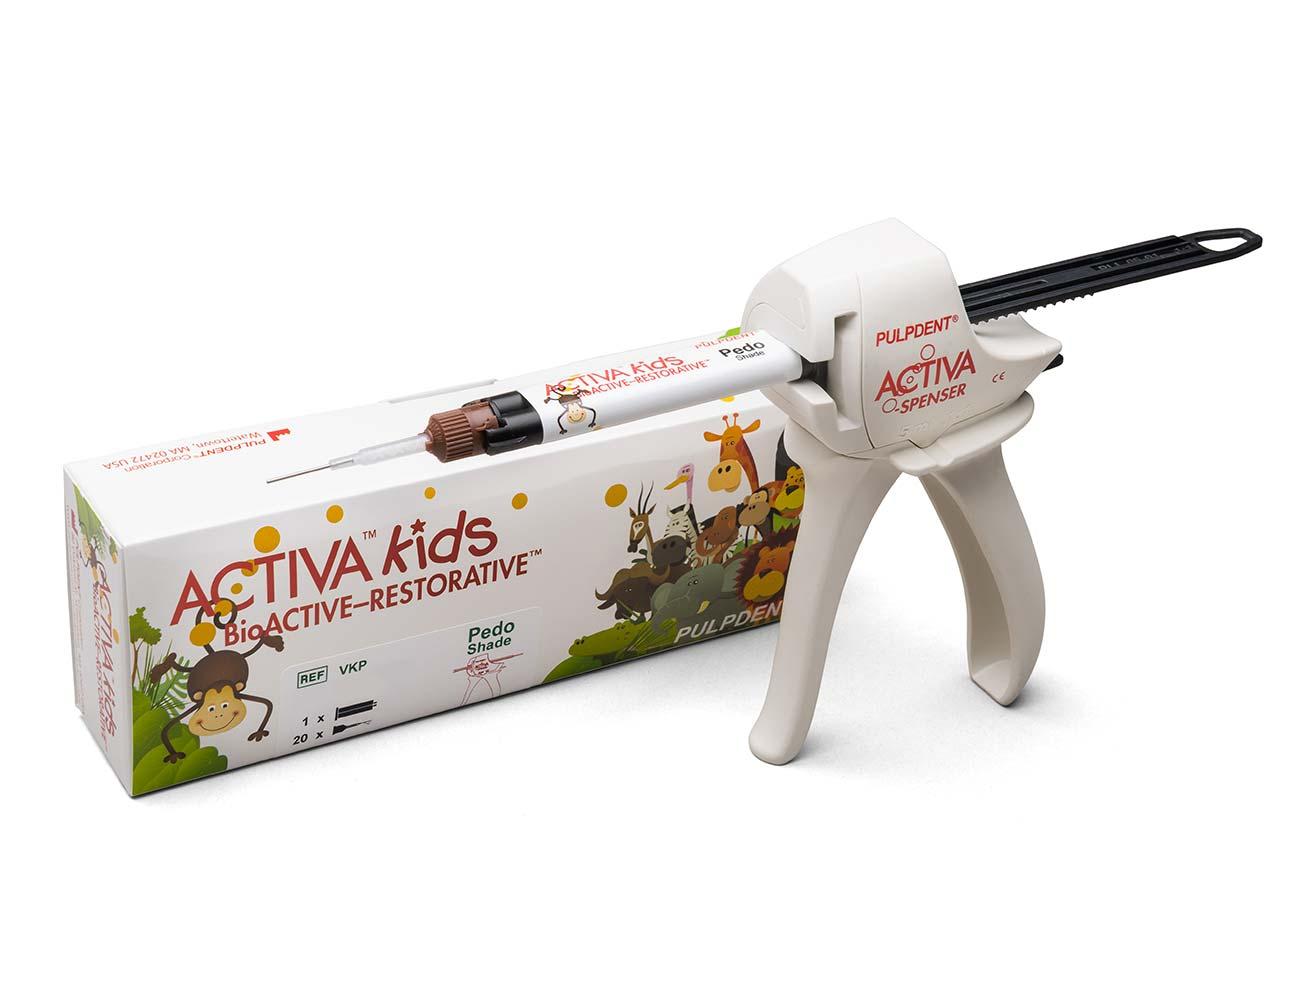 ACTIVA BioACTIVE für Kinder